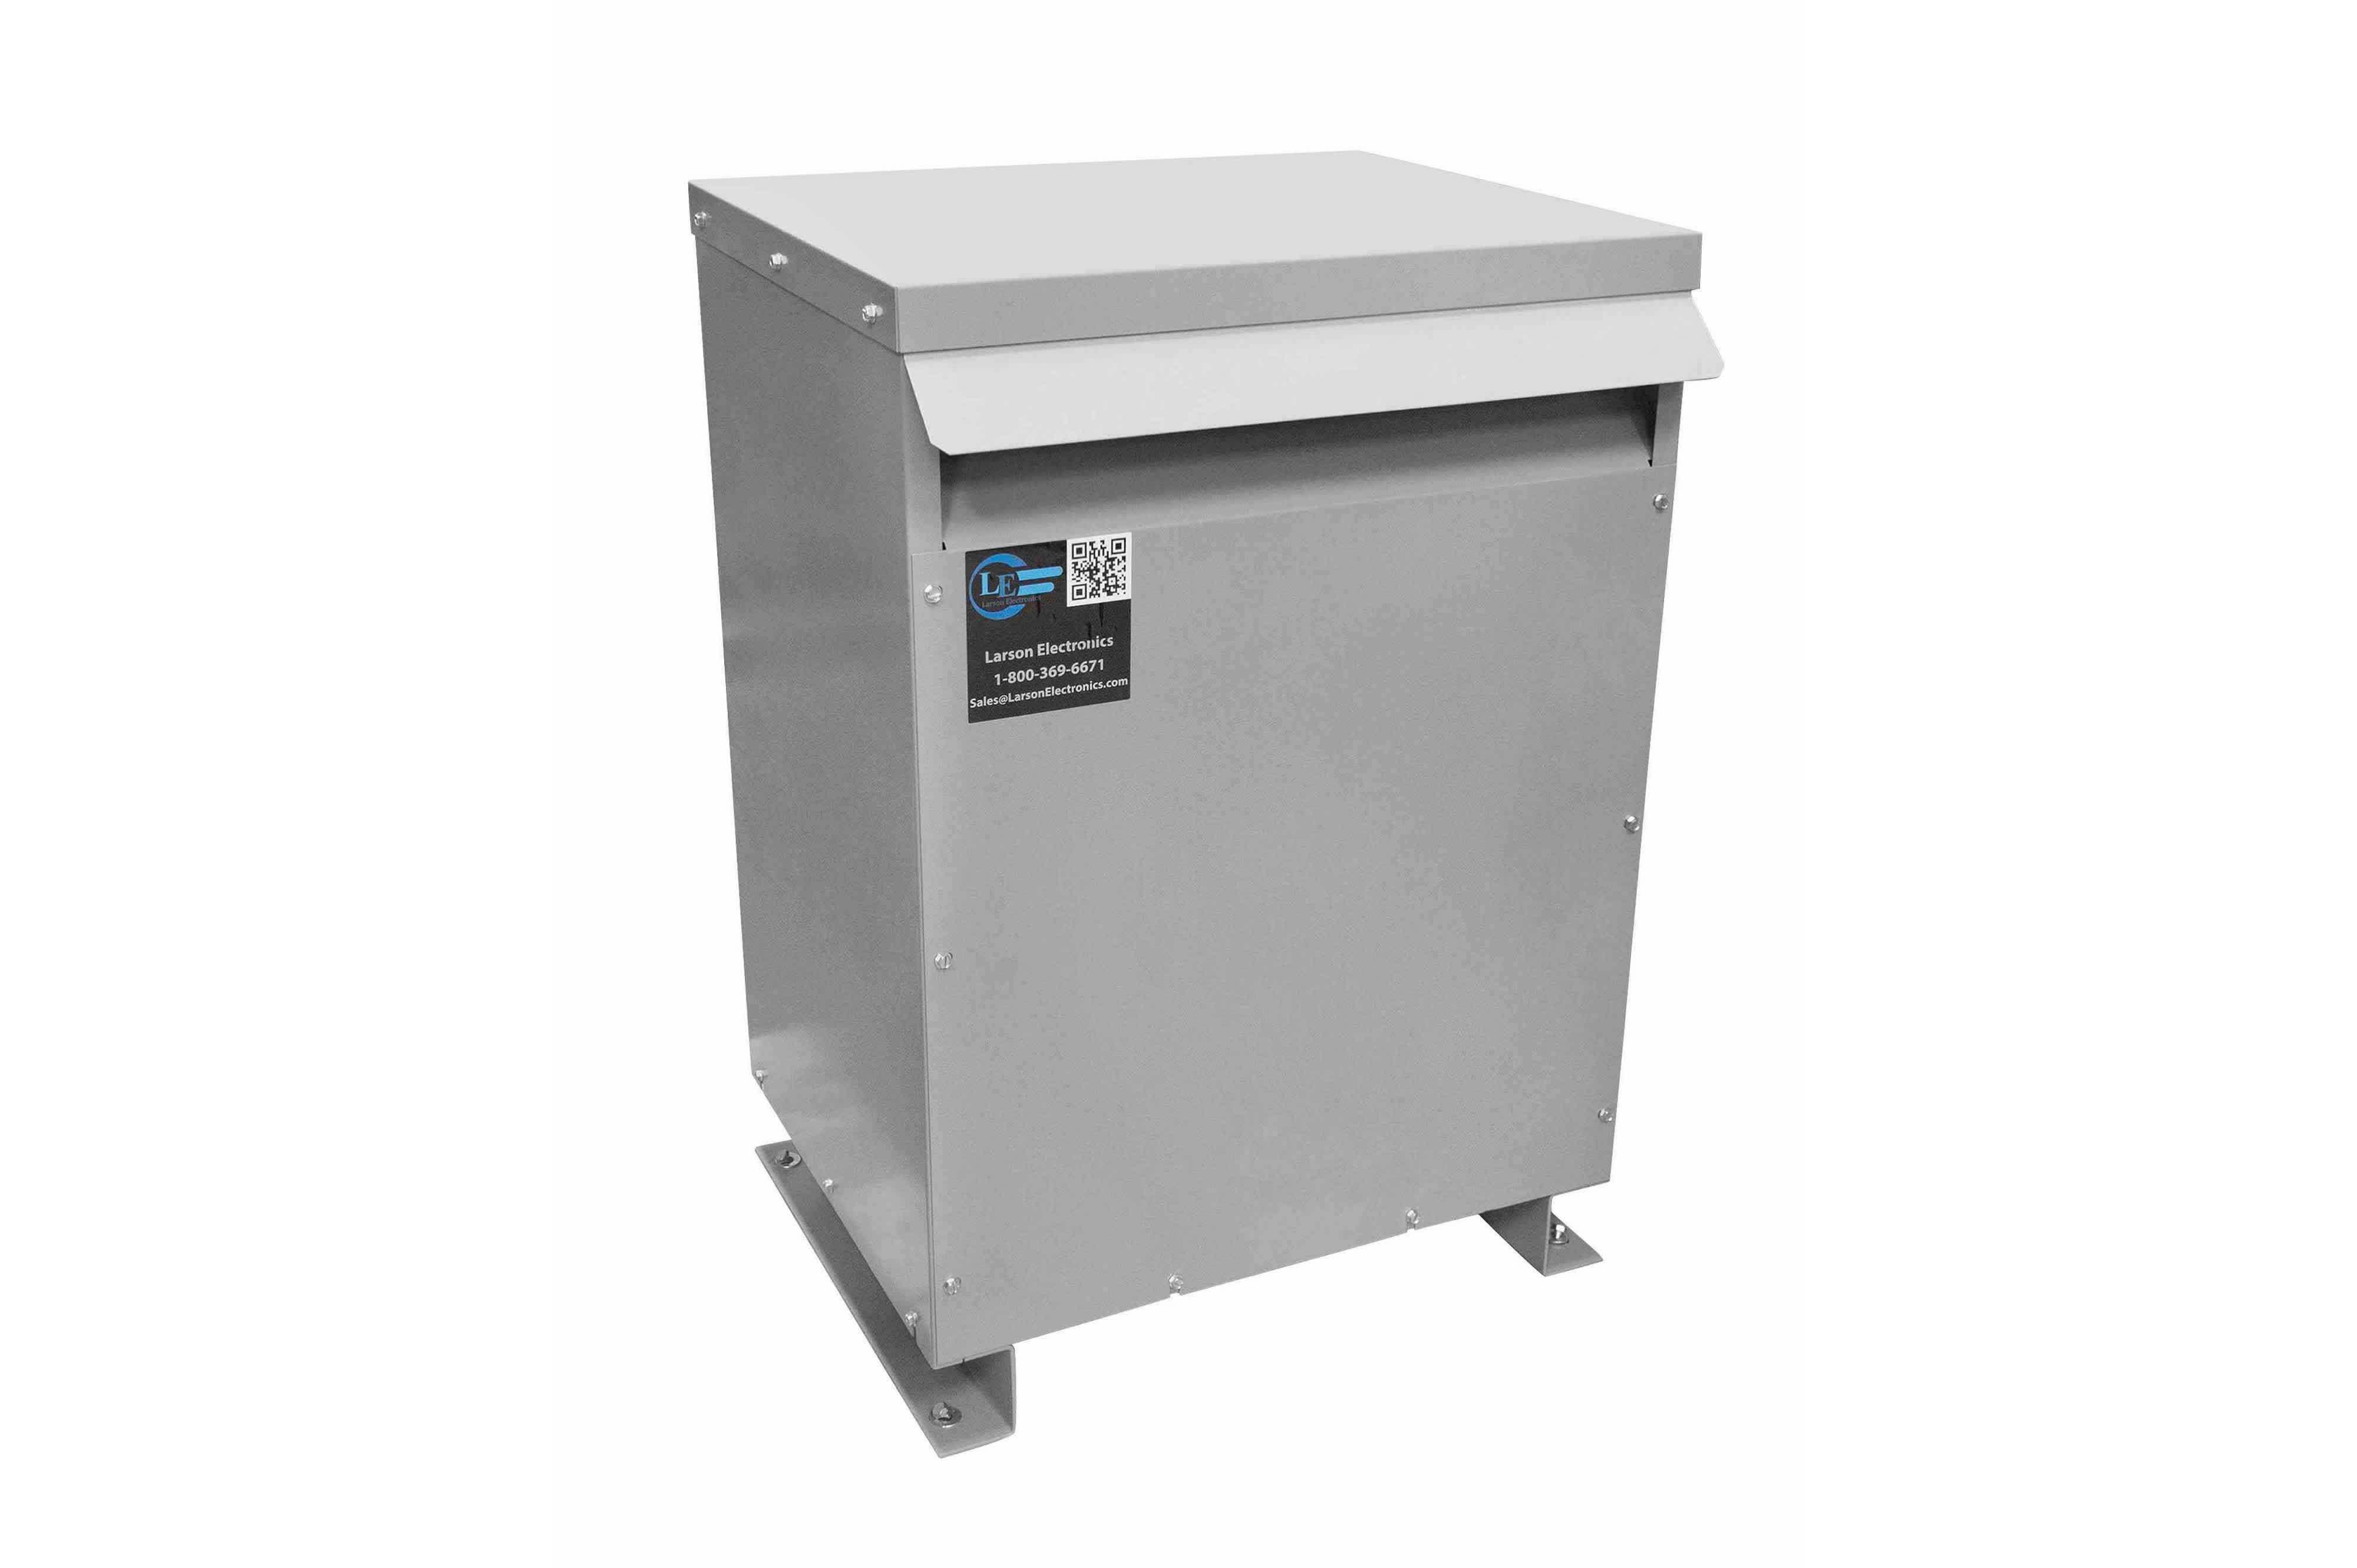 800 kVA 3PH Isolation Transformer, 380V Delta Primary, 208V Delta Secondary, N3R, Ventilated, 60 Hz